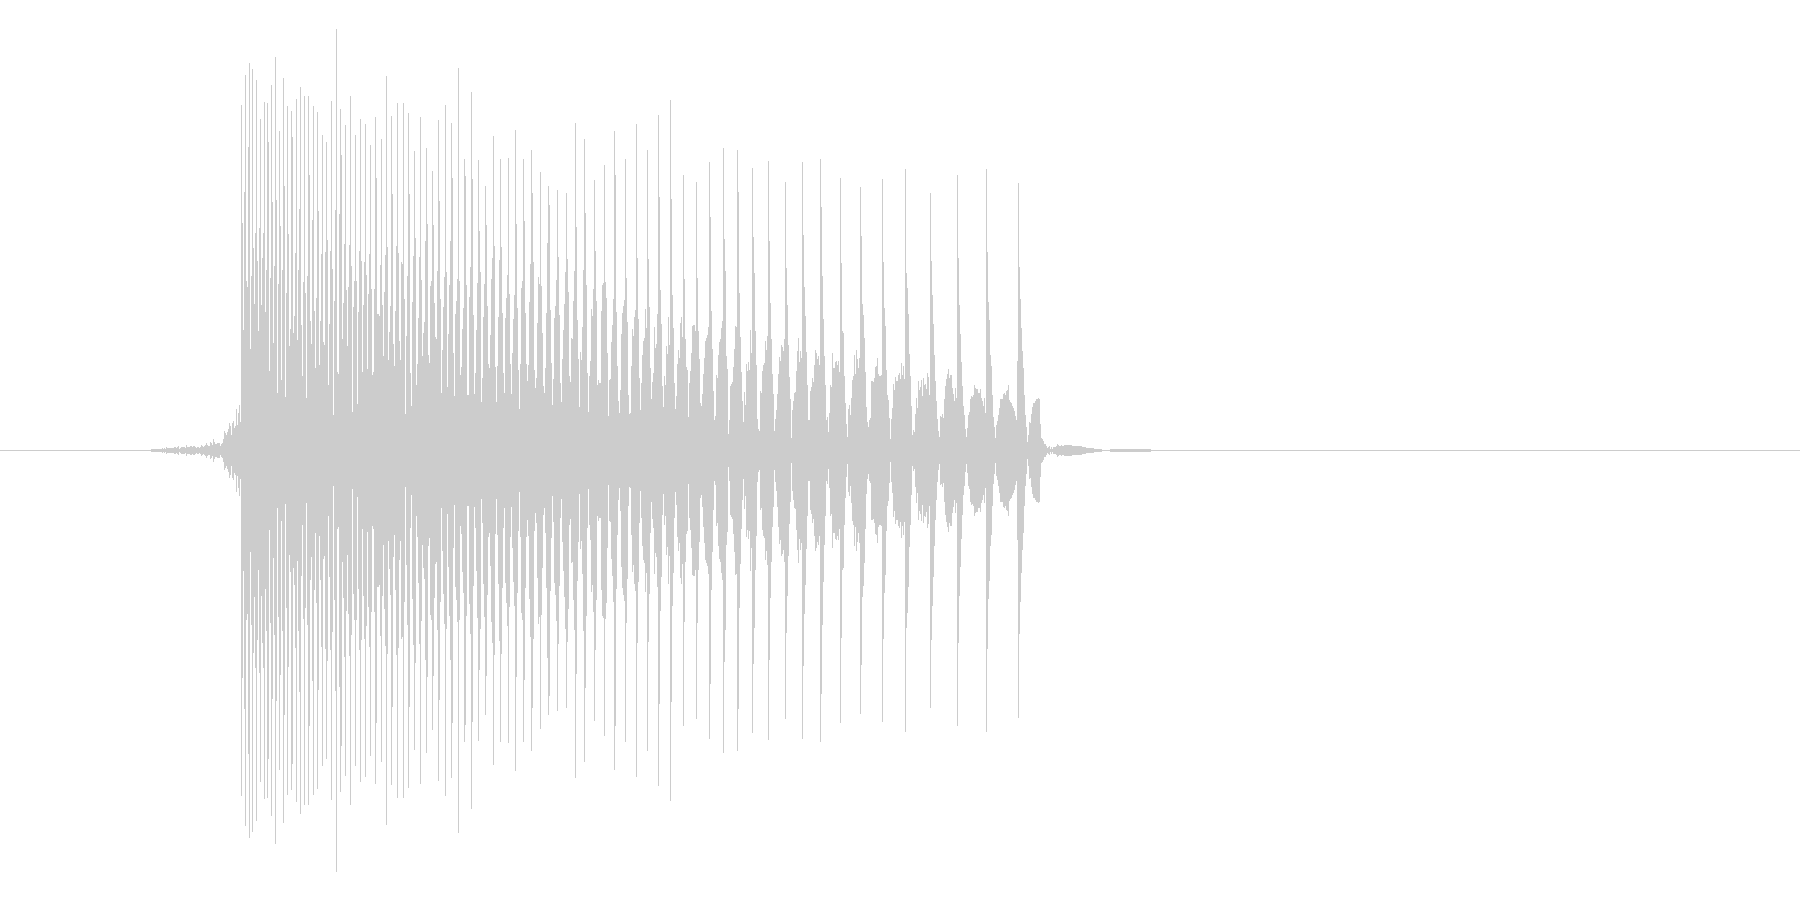 ゲーム(ファミコン風)レーザー音_025の未再生の波形